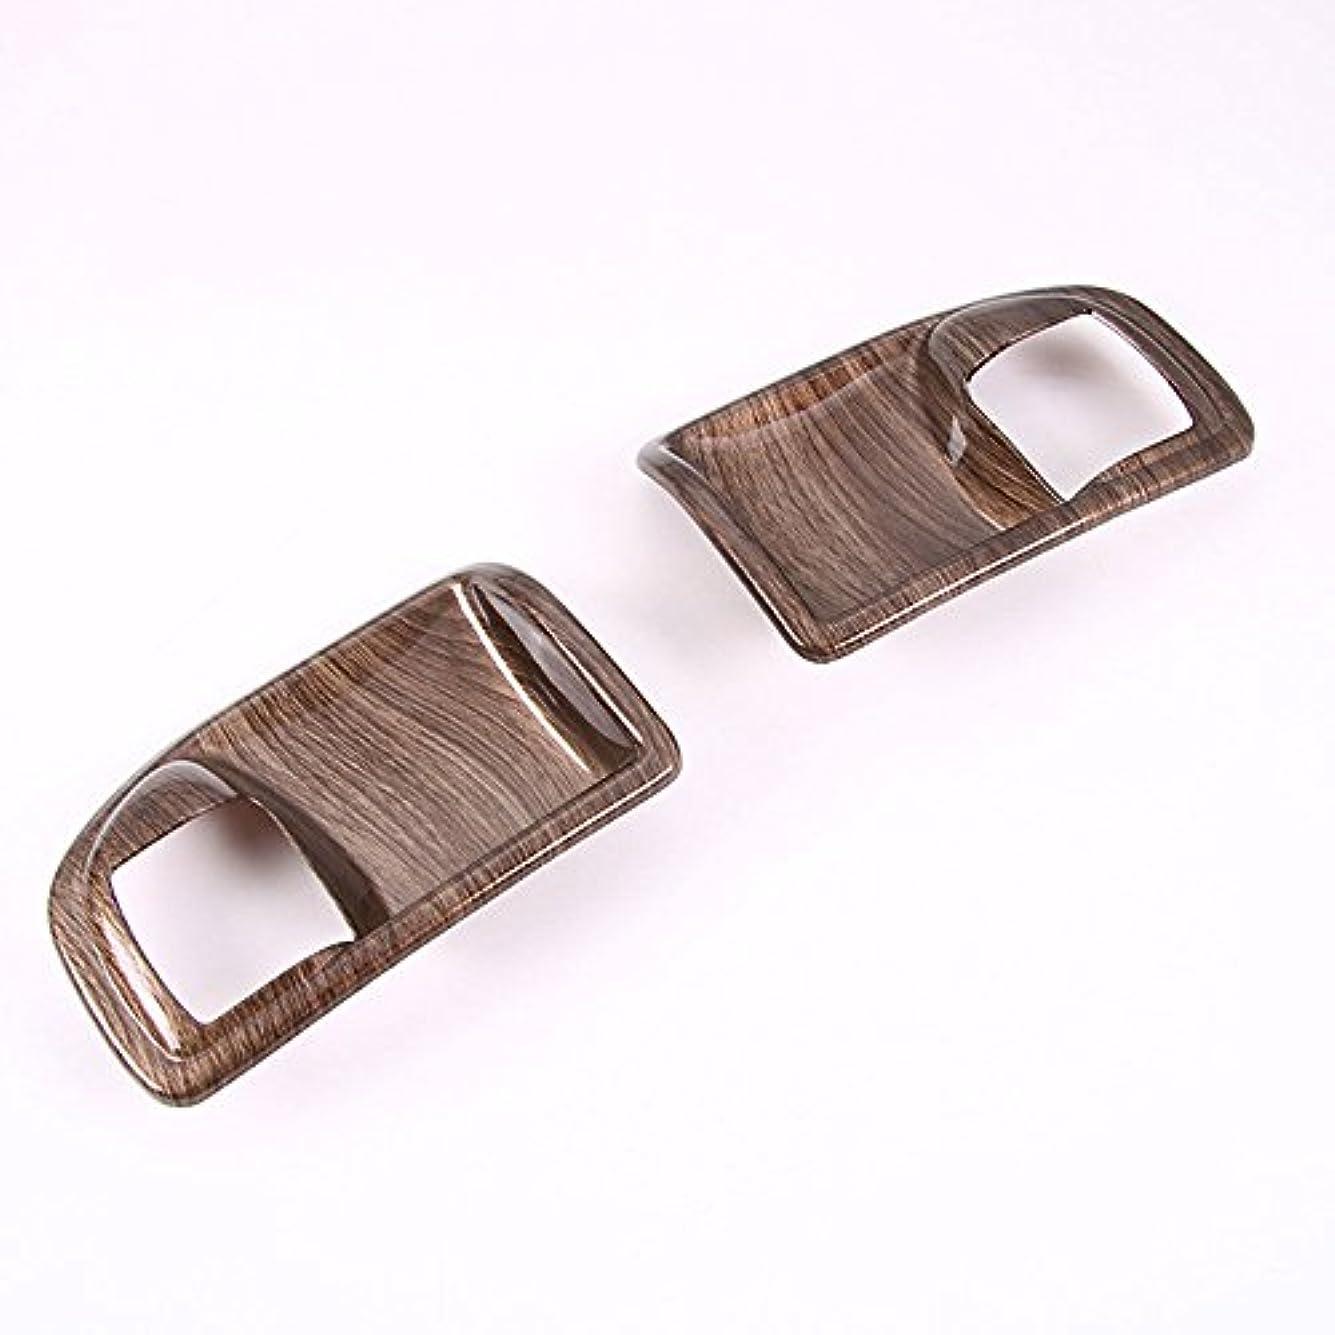 ラケット適応するクルーズJicorzo - Interior Door Handle Bowl Cover Trim Chrome ABS Frame Car Styling For Jeep Wrangler Rubicon JK 2007-...